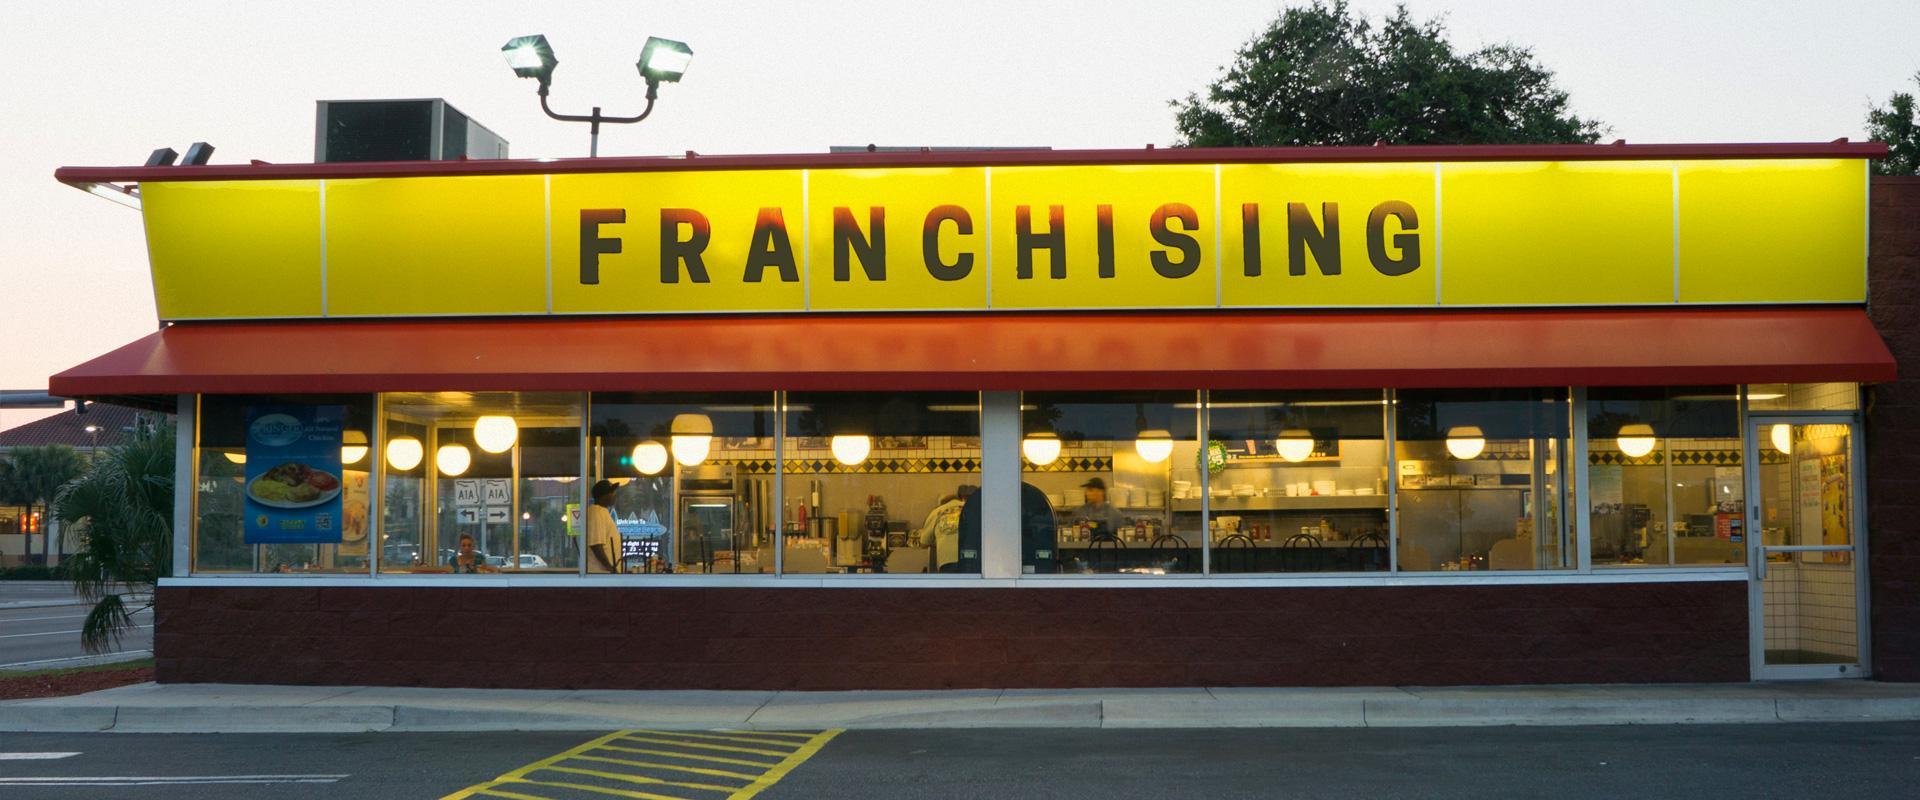 4 tips strategi bisnis franchise